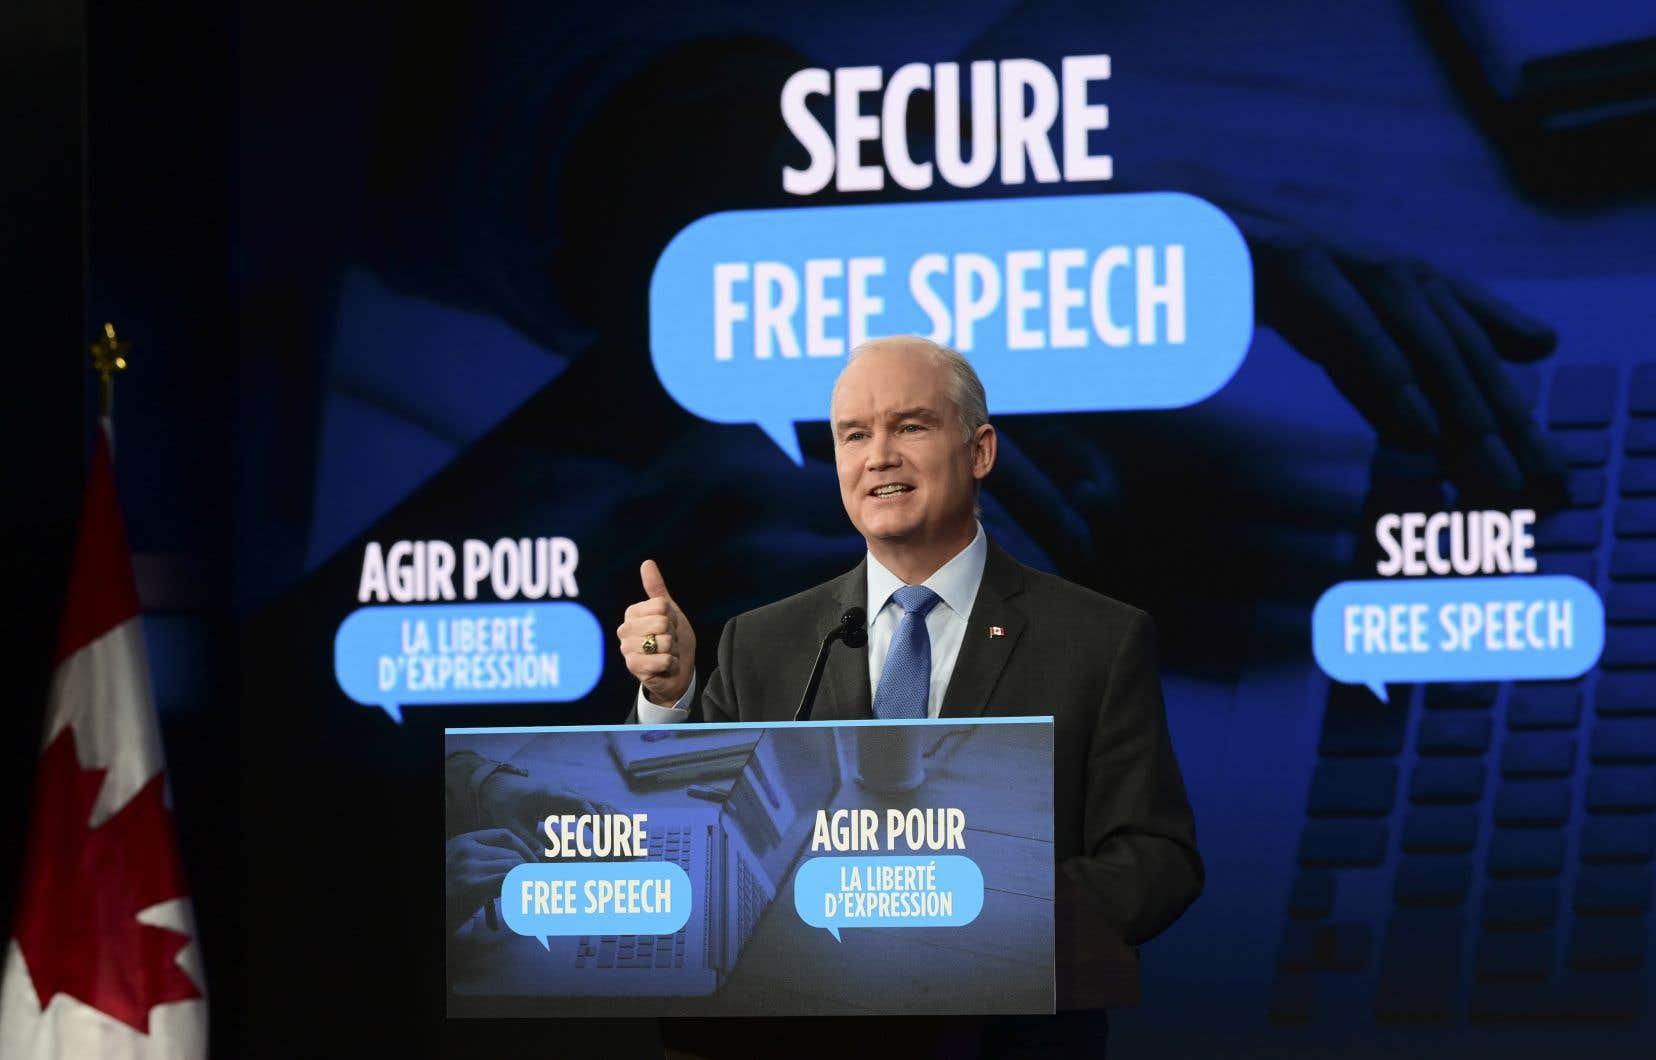 Sur un petit podium dans une salle d'un hôtel d'Ottawa, le chef conservateur Erin O'Toole s'est présenté jeudi devant les journalistes flanqué du slogan «Agir pour la liberté d'expression».